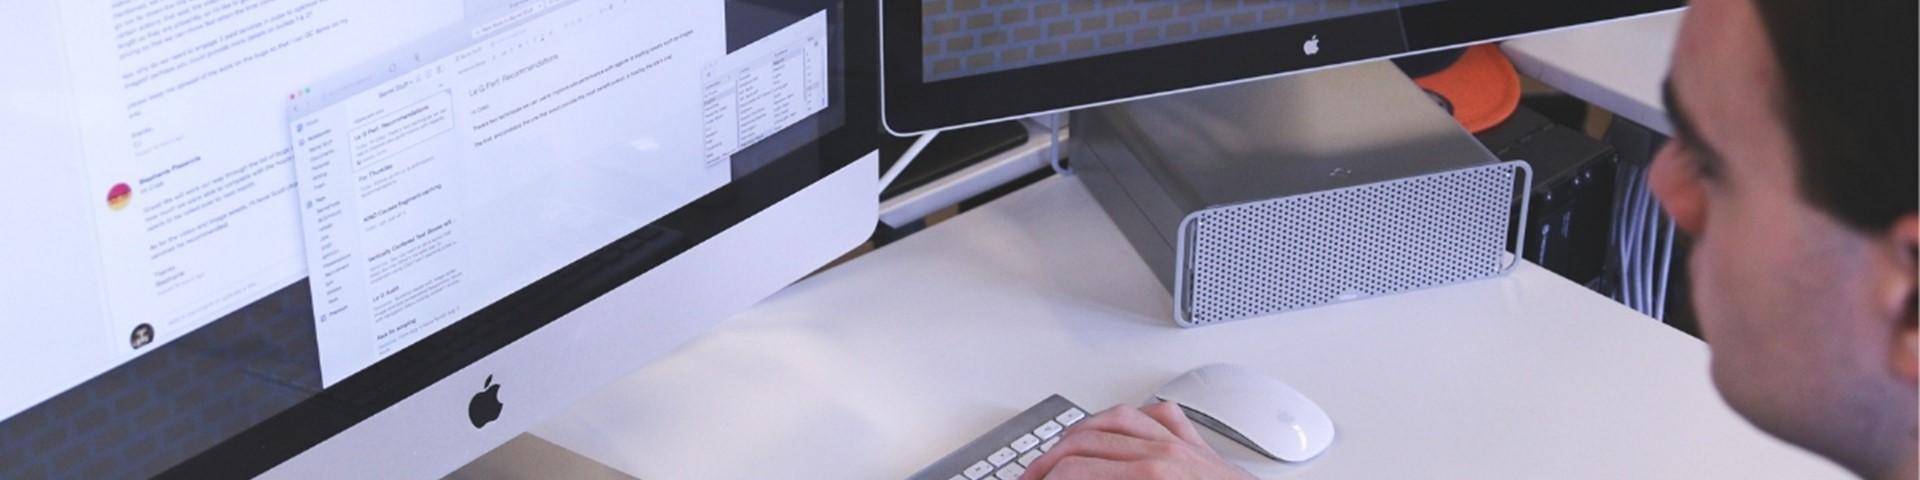 Sua agência pratica a estratégia digital que indica aos clientes?6 min read